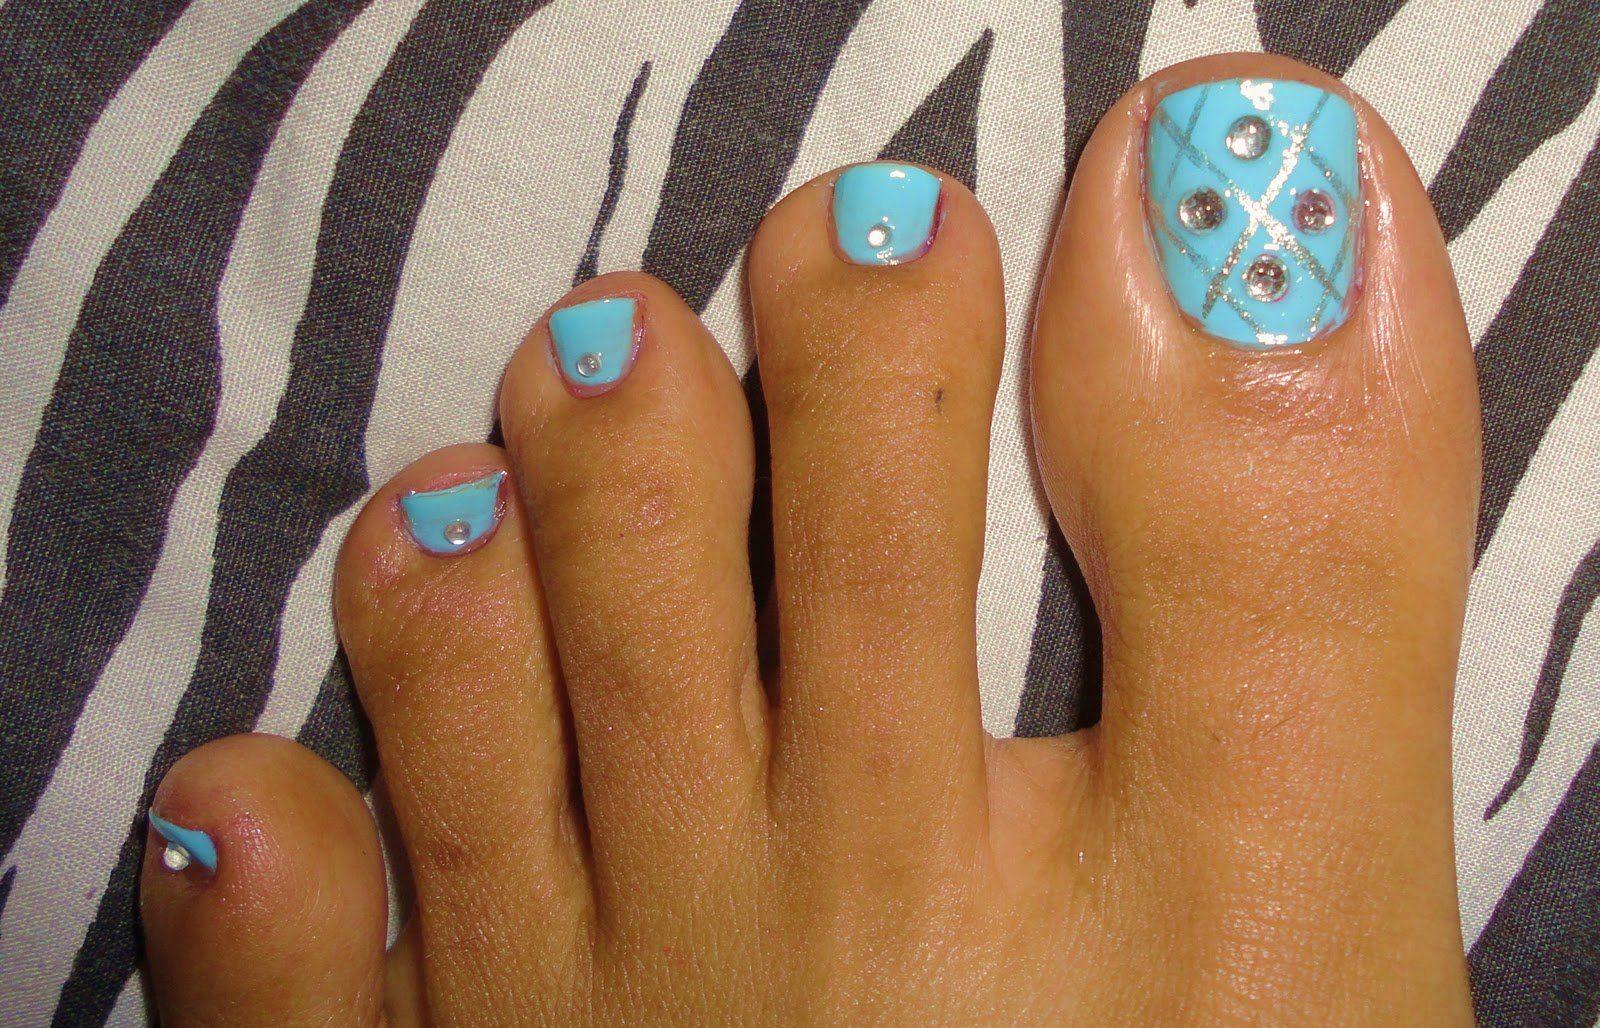 Во вторую очередь – это способ выделиться в весеннюю и летнюю пору года изысканным и неординарным декором ноготков на пальчиках ног.